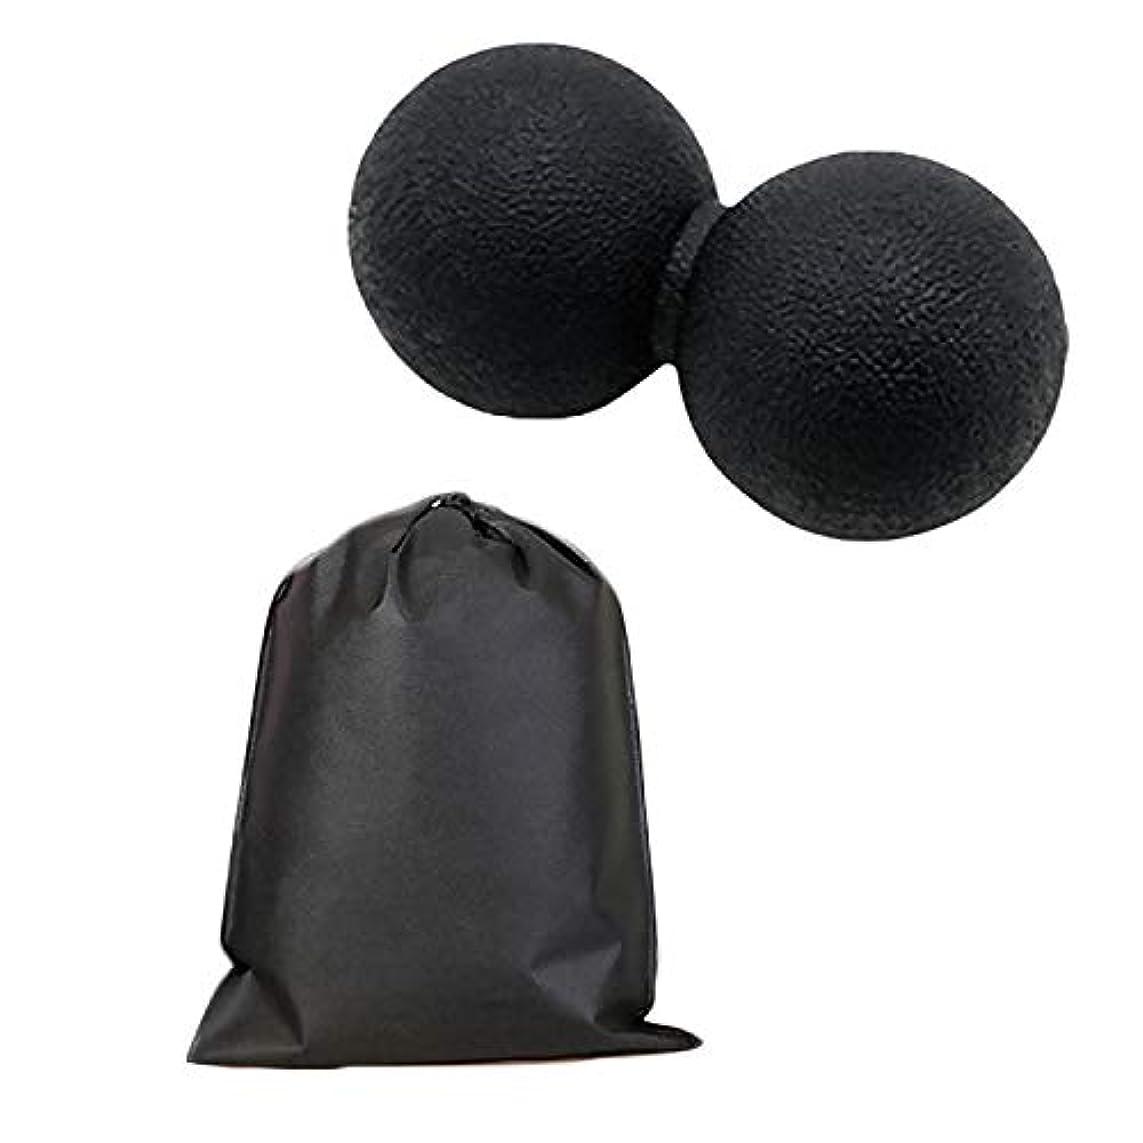 周囲息子教授Migavan マッサージボールローラーバックマッサージボール収納袋が付いているピーナツマッサージのローラーボールのマッサージャー